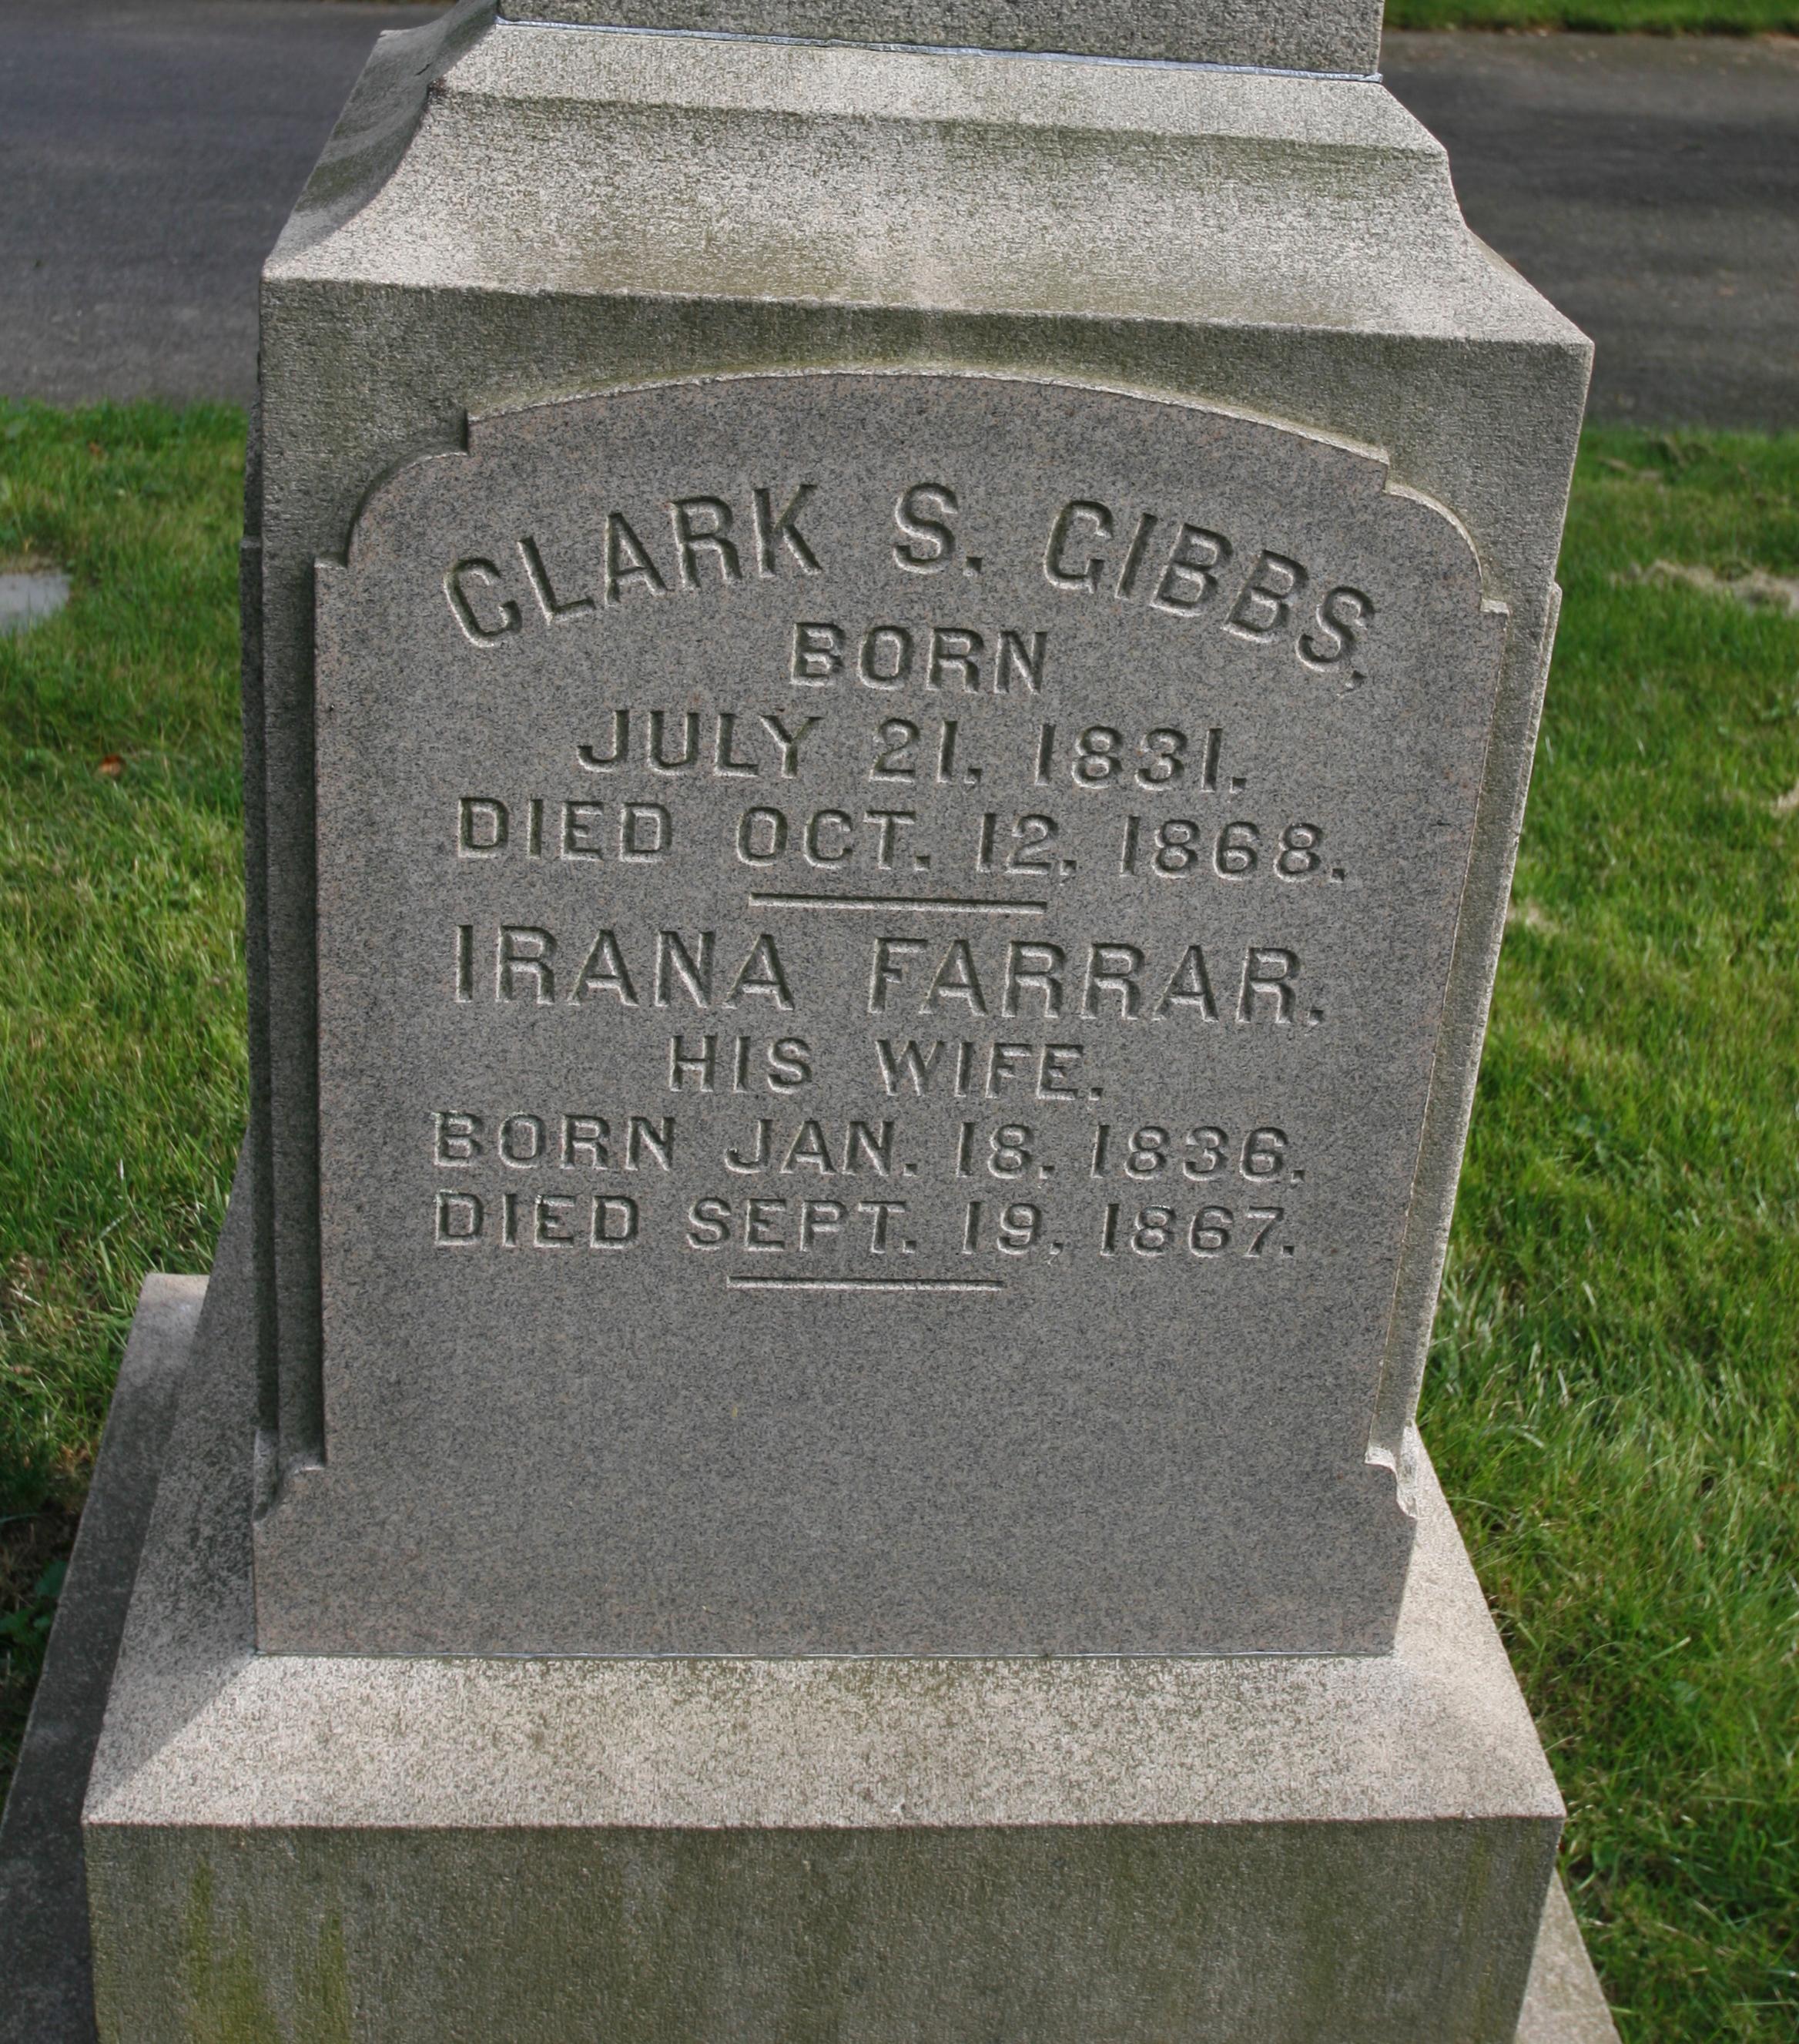 Clark Swift Gibbs